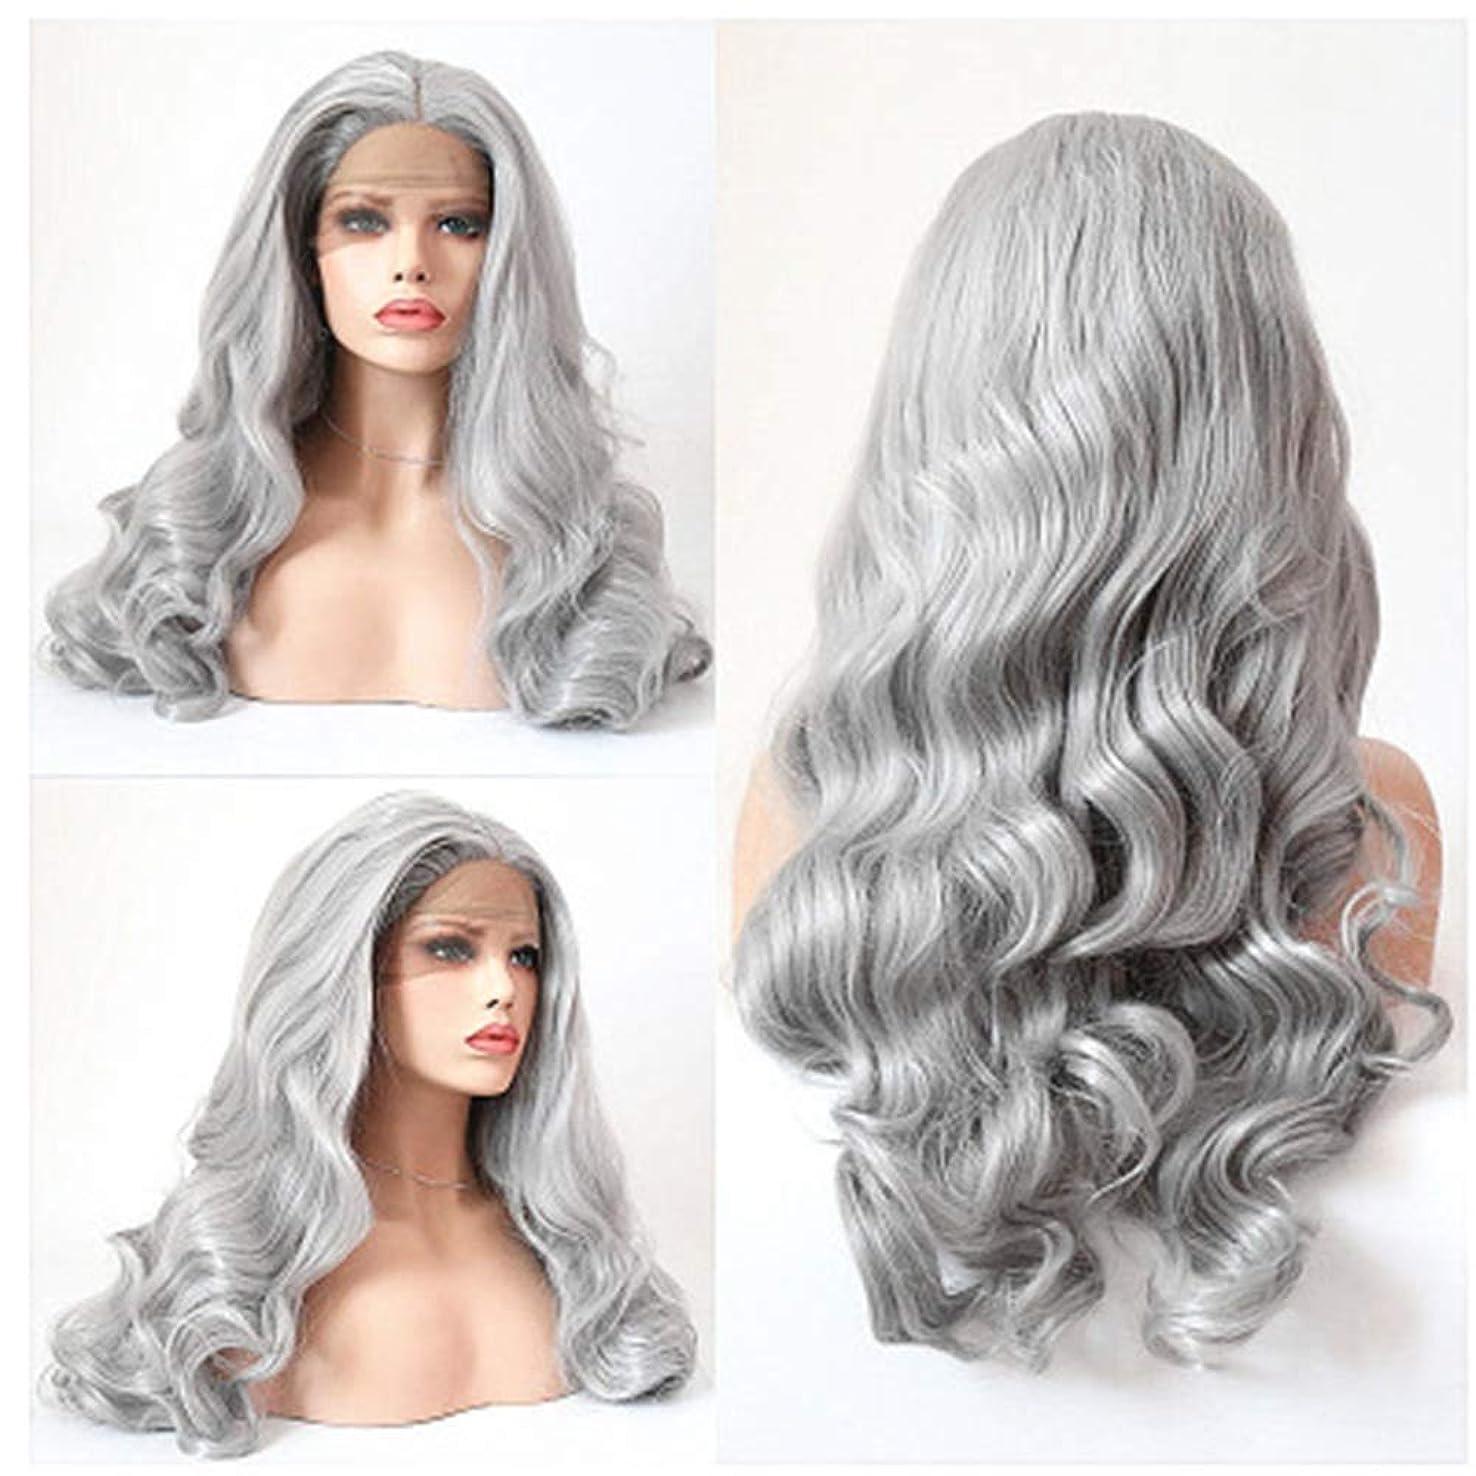 パッチ飼料ユダヤ人ZXF おばあちゃんの灰色のレースのヨーロッパとアメリカの女性のファッションビッグウェーブ長い巻き毛の化学繊維の毛髪のかつらのセット 美しい